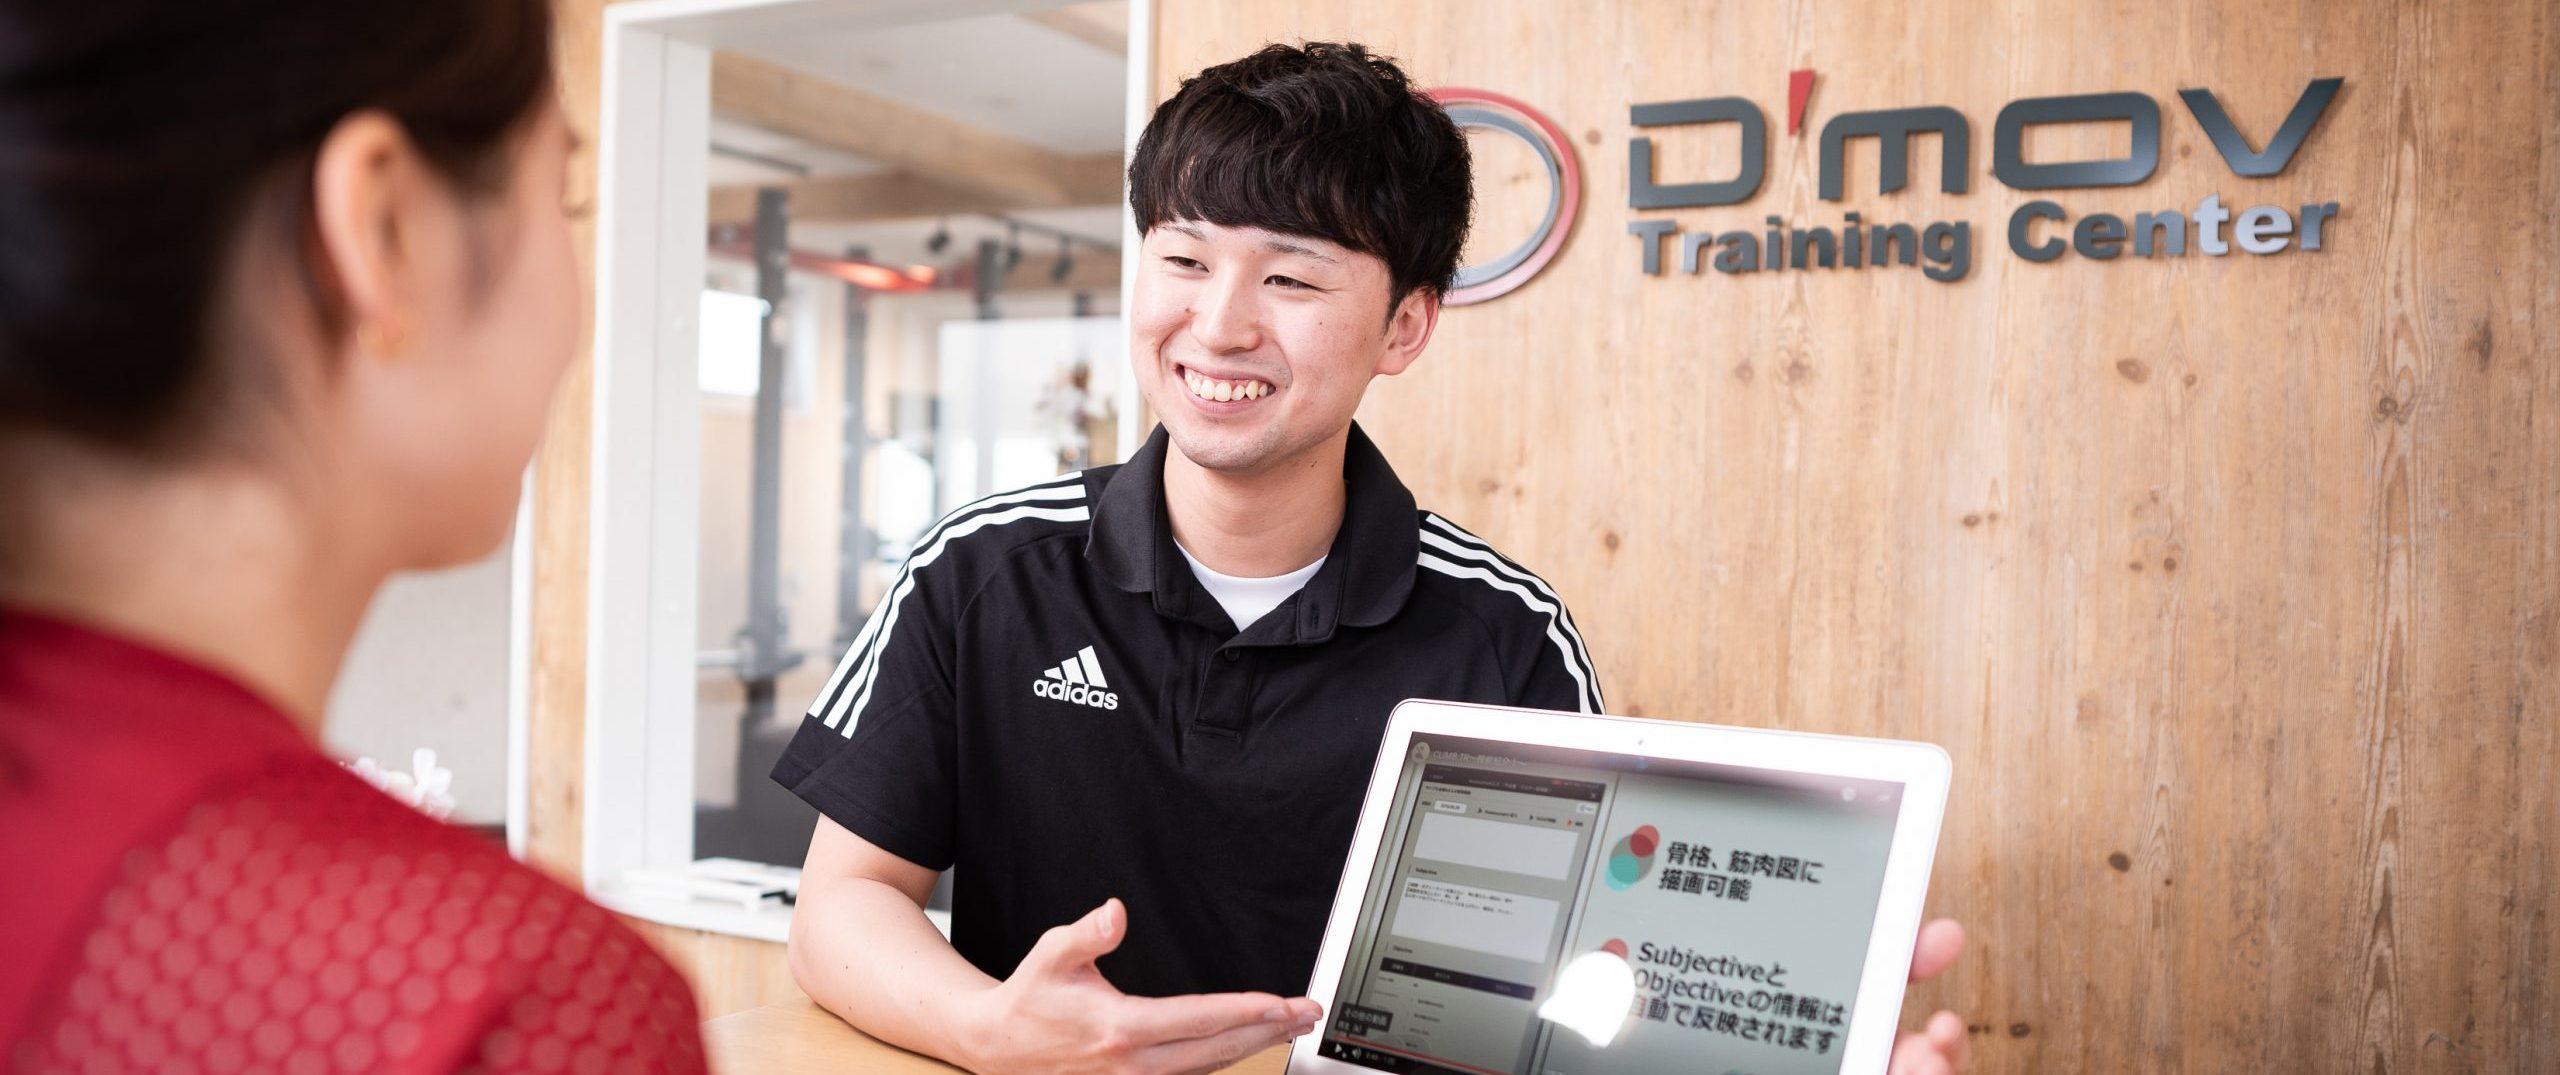 福島市でトレーニングジム・パーソナルトレーニングはD'mov(ディームーブ)